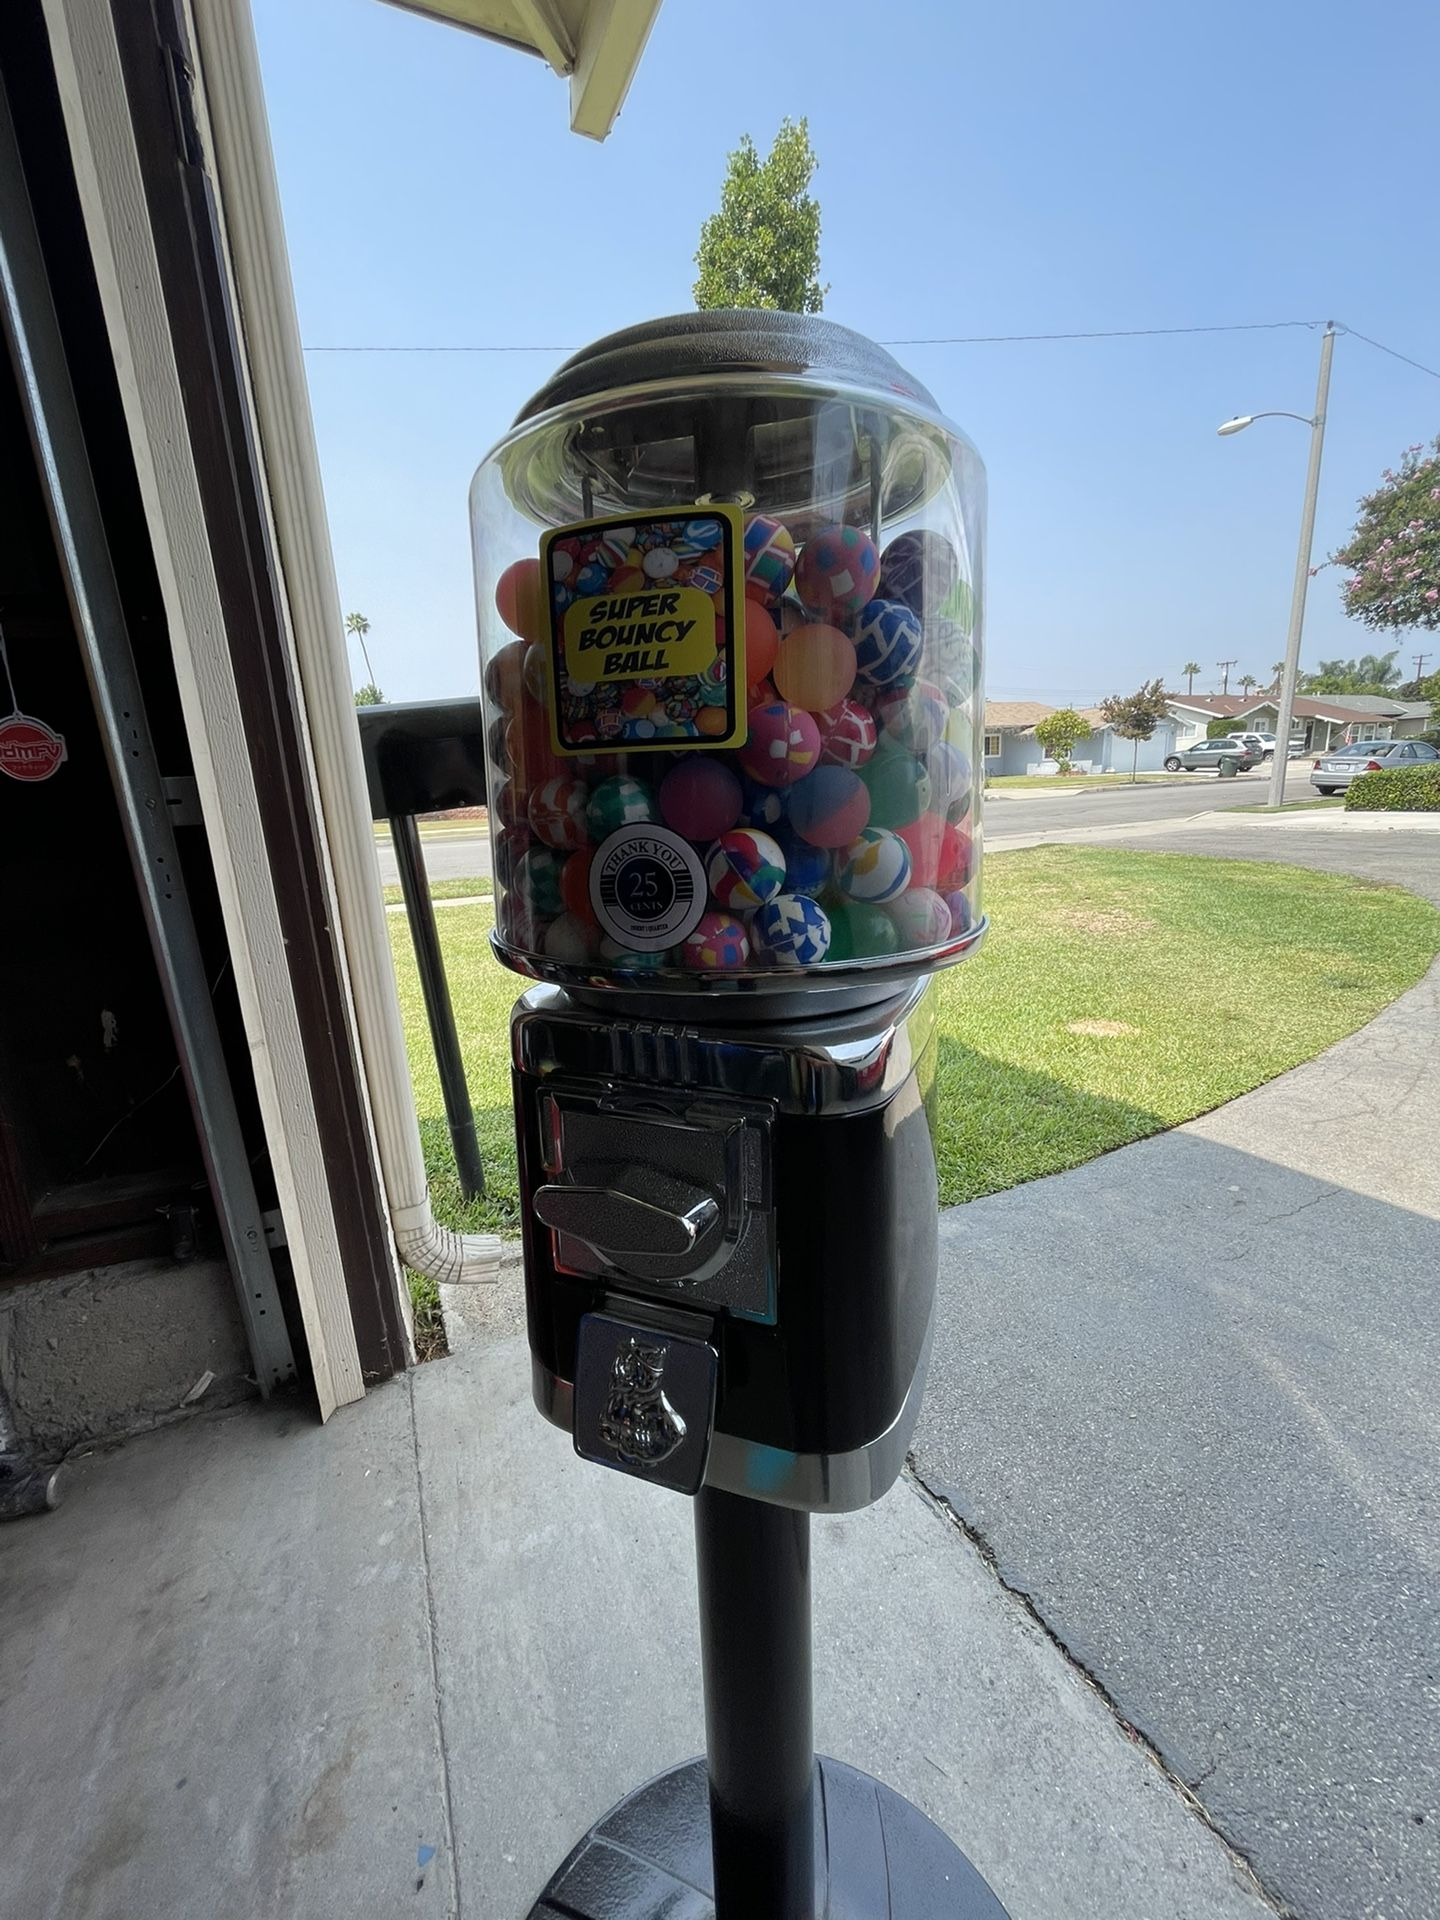 Gumball Candy Machine